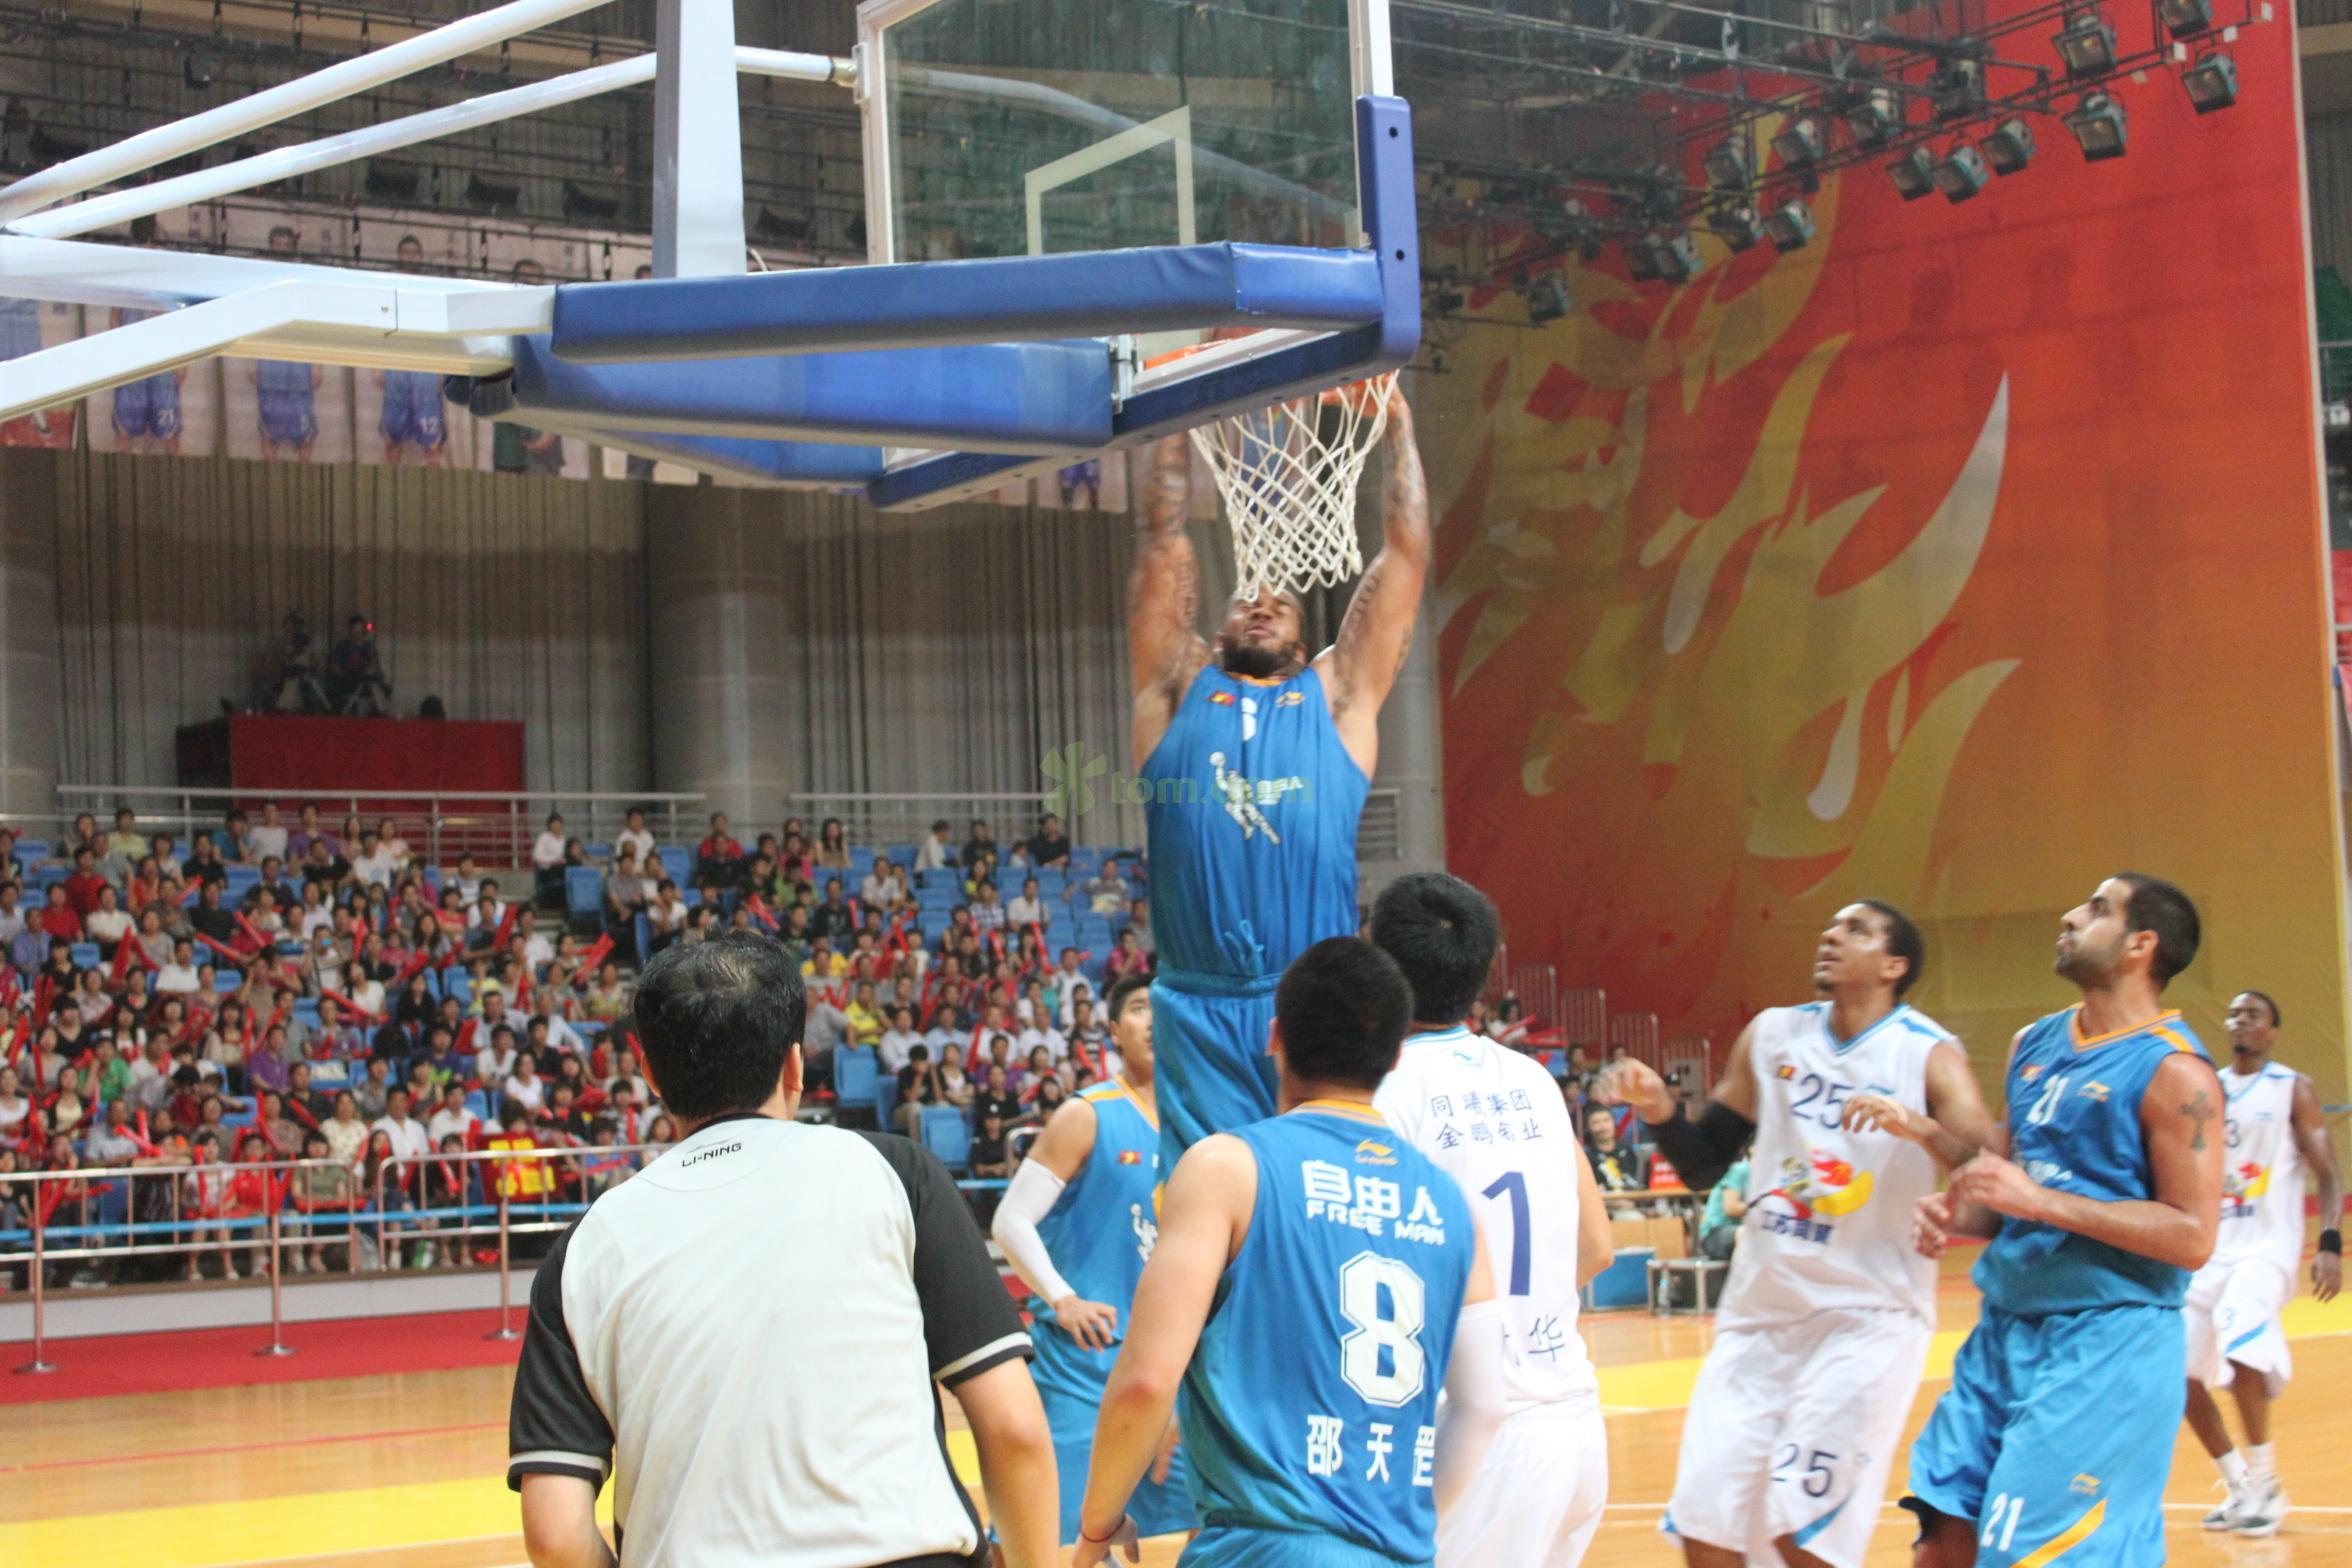 重庆成立职业篮球,希望对垒CBA球队